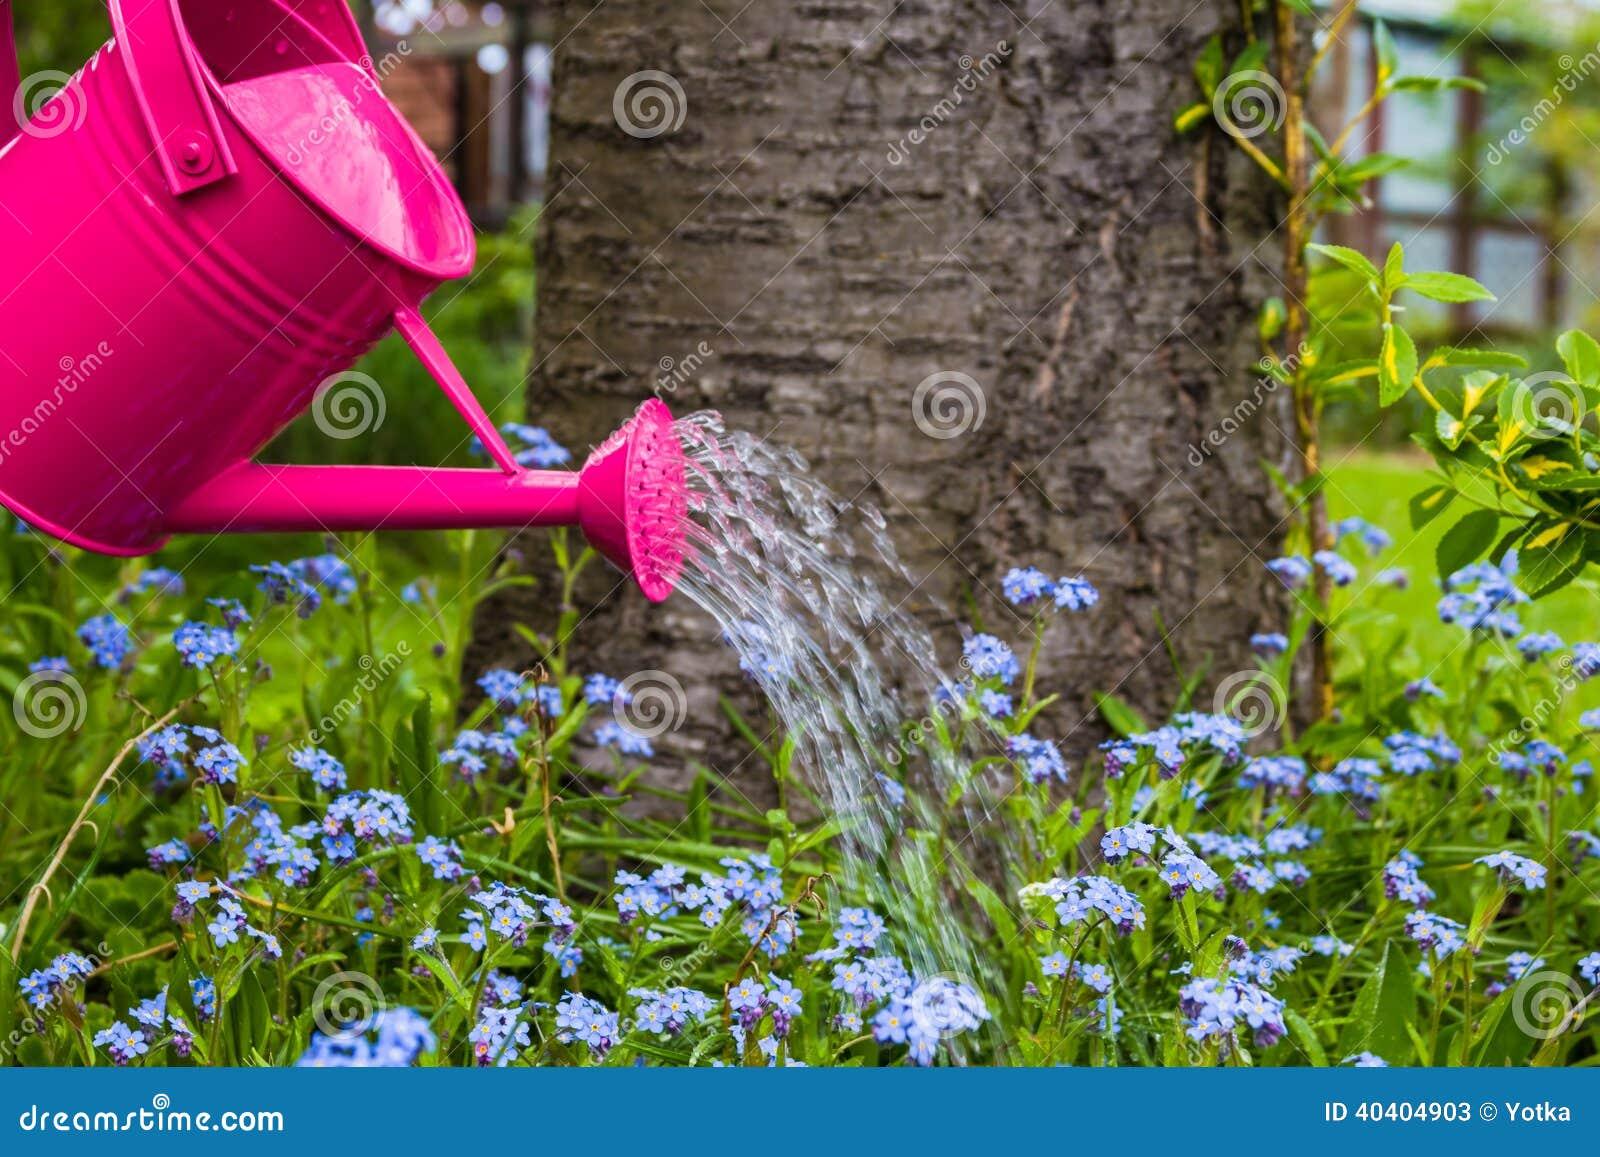 Jard n de flores de la primavera de riego del cuidado de for Aspersores para riego de jardin